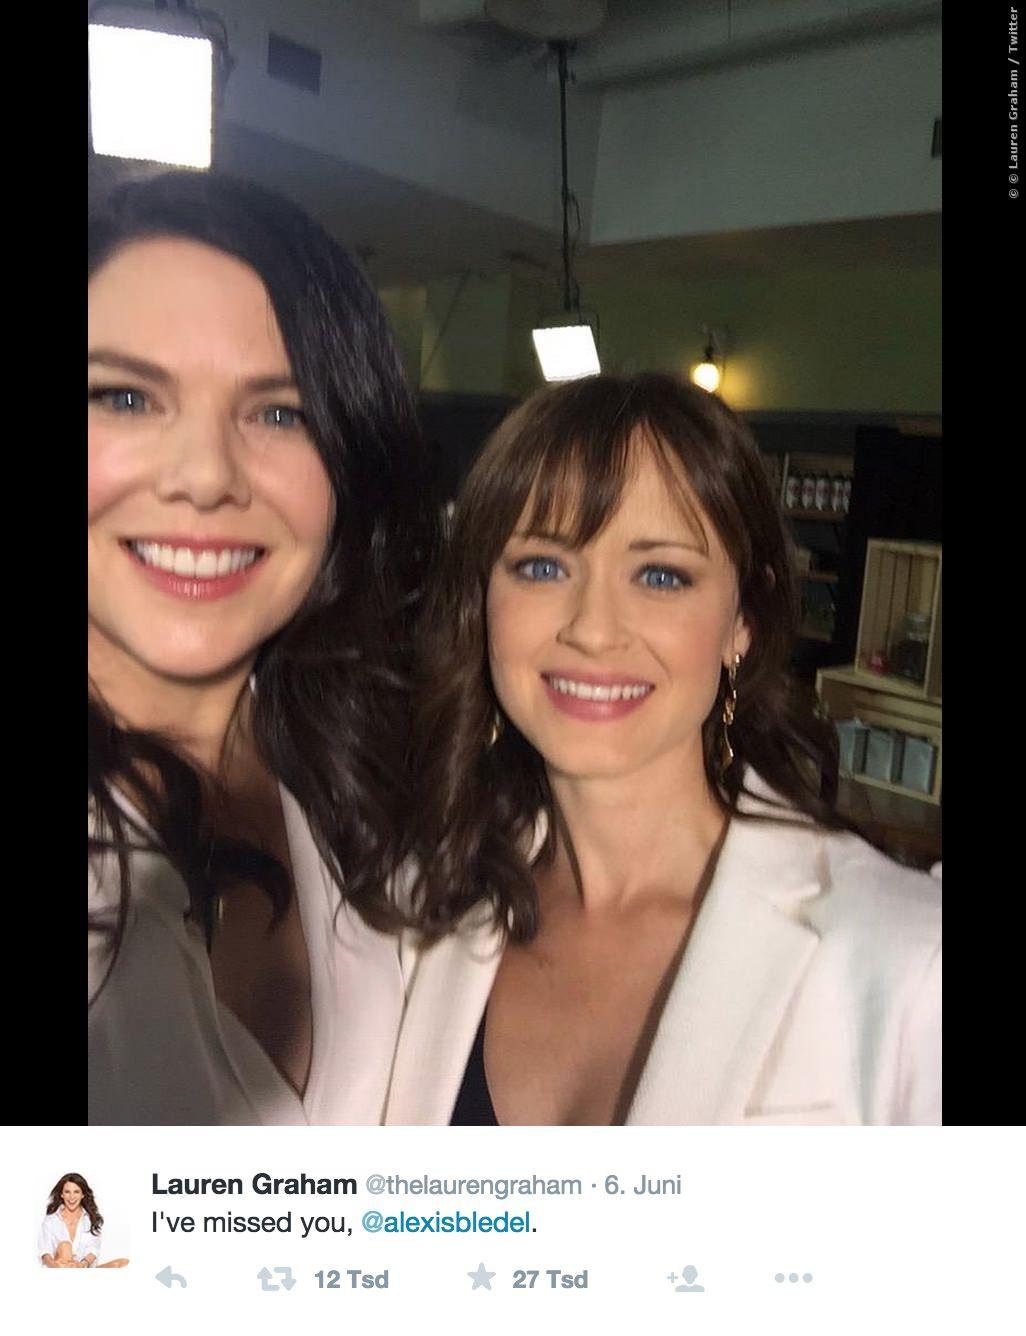 Lorelai und Rory hatten schon vor ihrem Bühnenauftritt Kuschelbedarf!